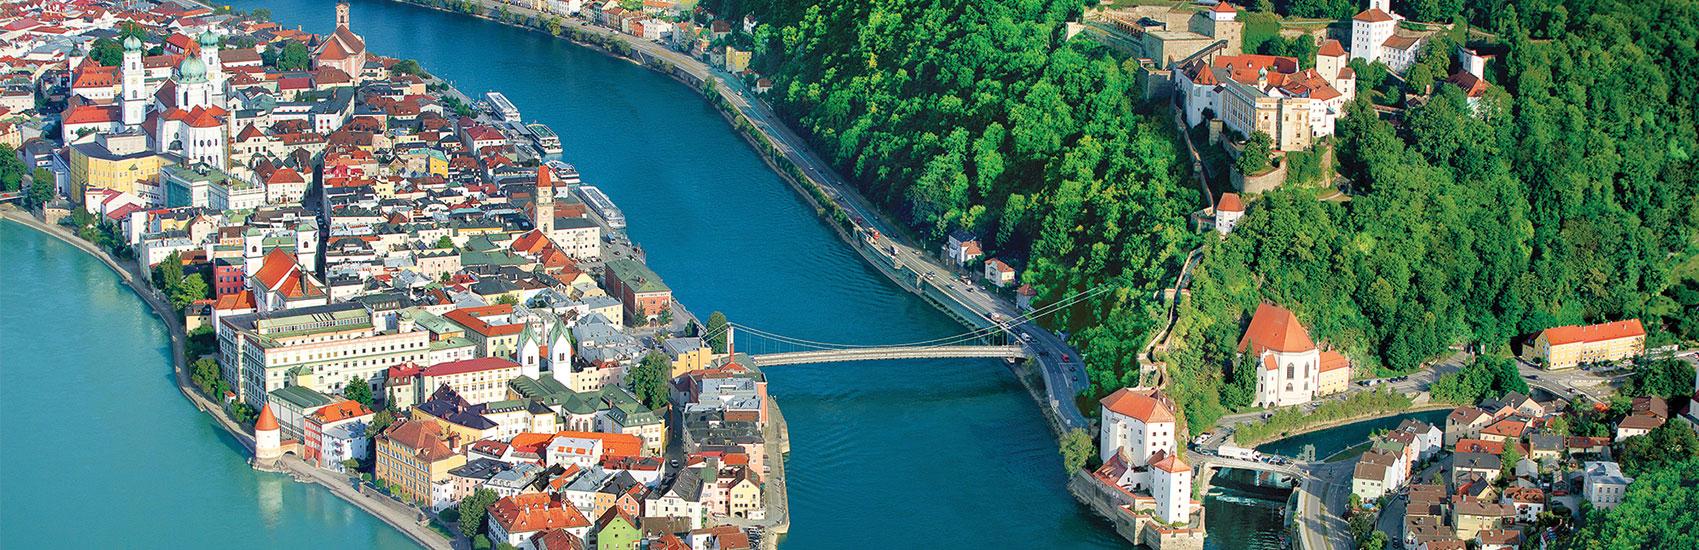 Savings on European River Cruising with AmaWaterways